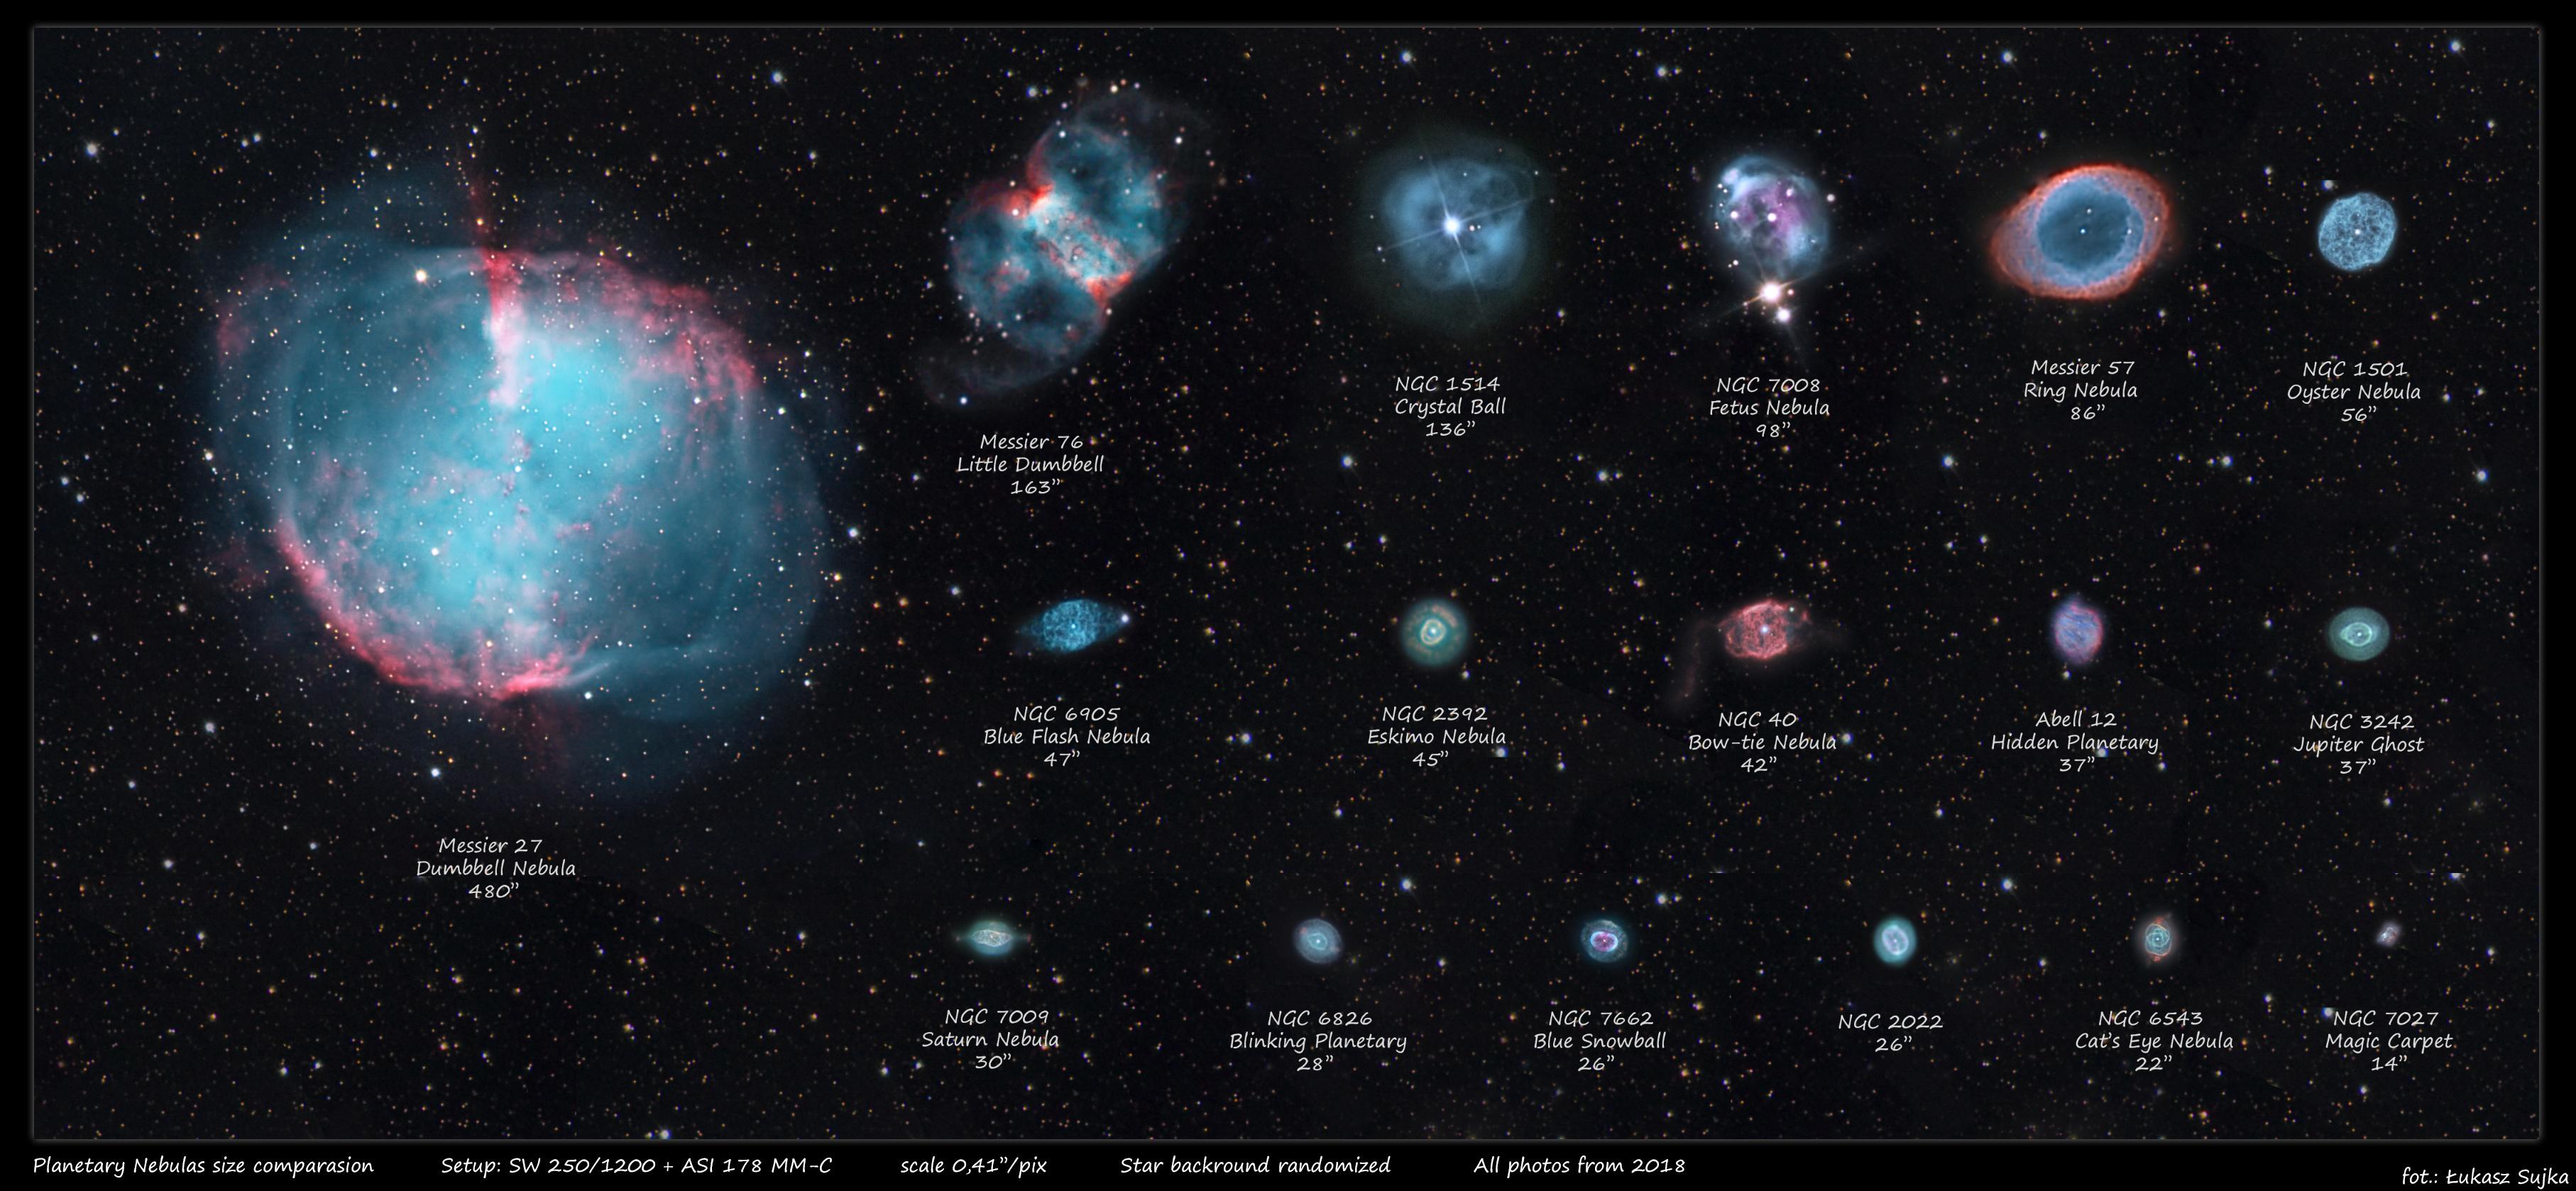 Małe porównanie mgławic planetarnych